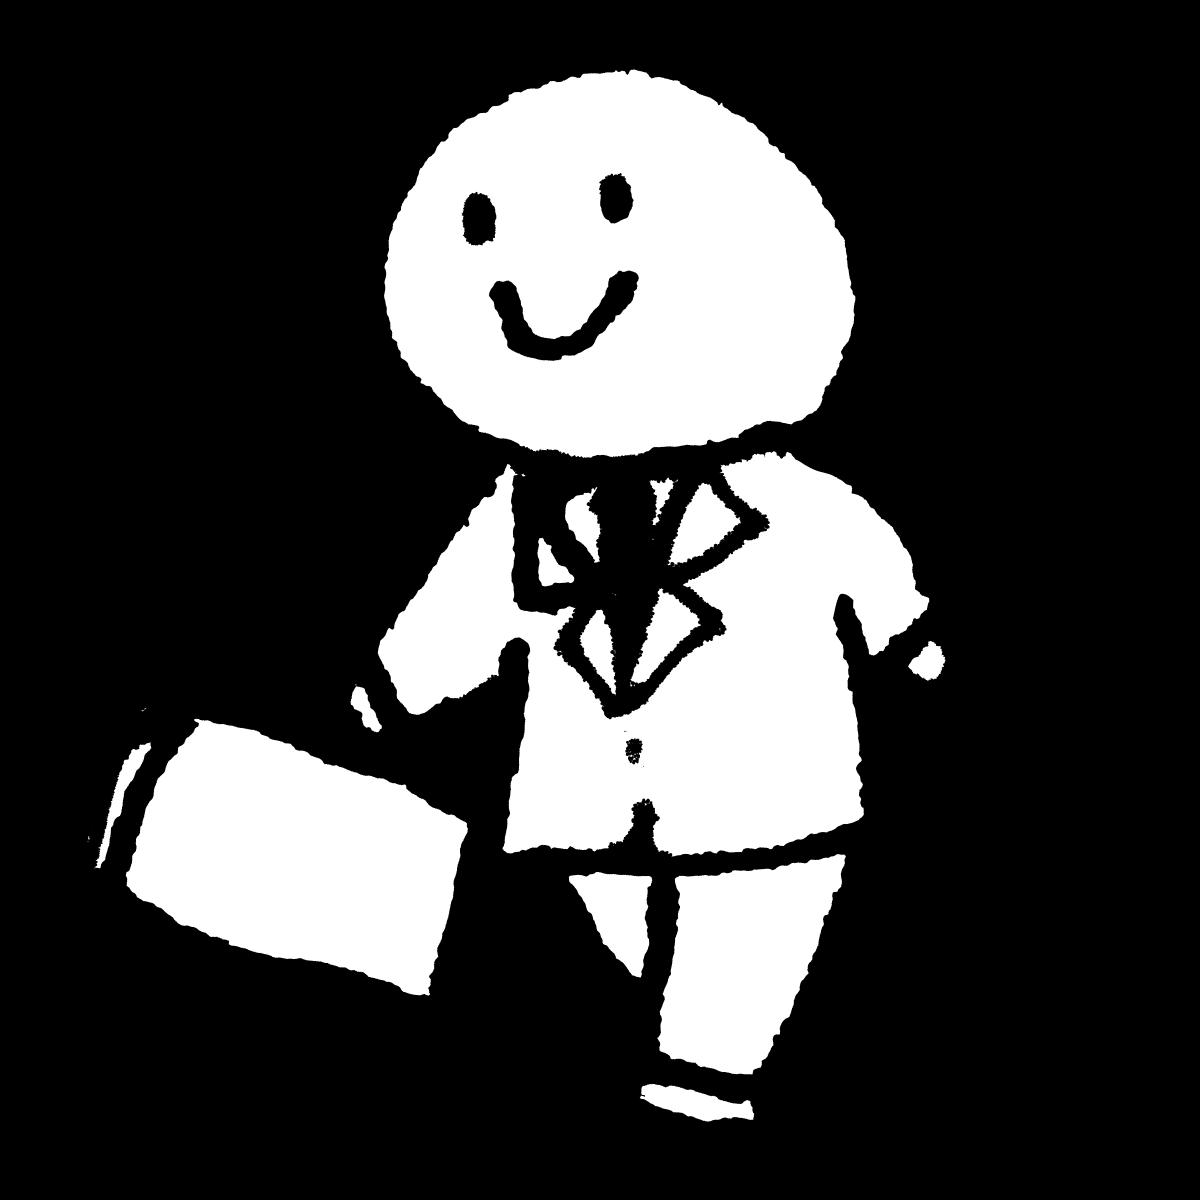 歩くサラリーマン1のイラスト / Walking salaryman 1 Illustration